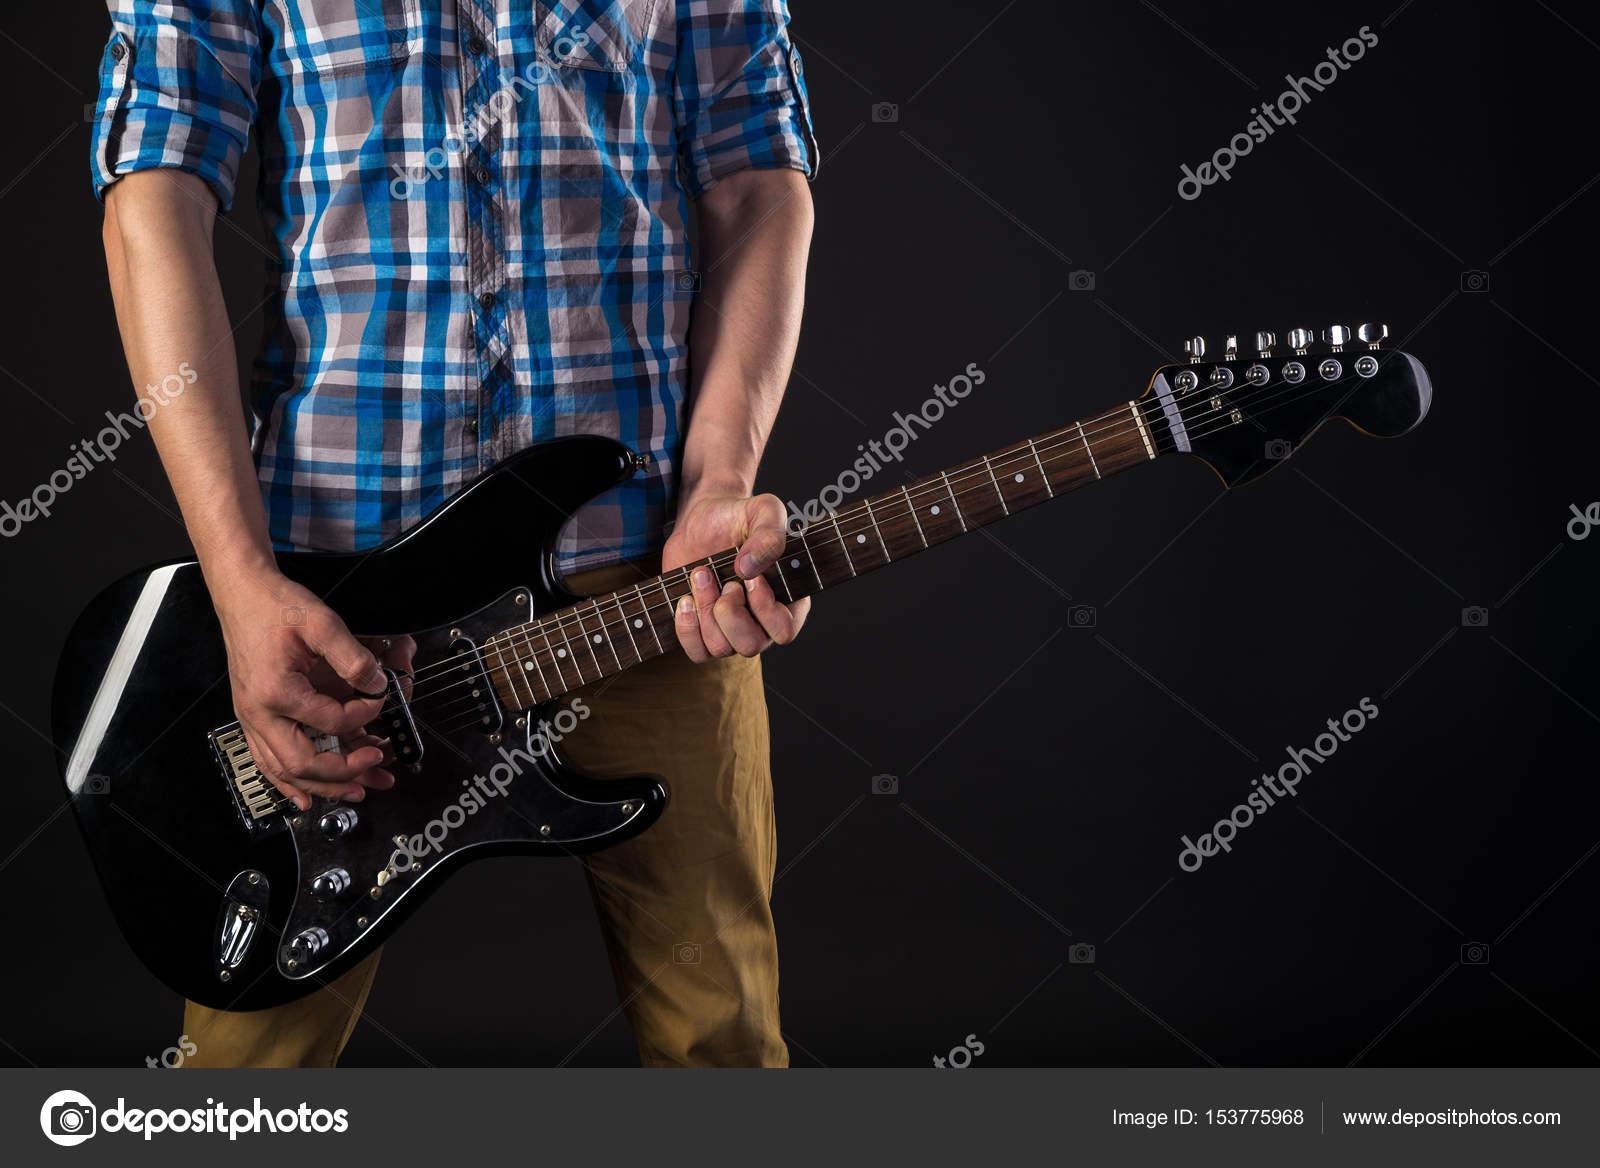 Música e arte o guitarrista detém uma guitarra elétrica na mão